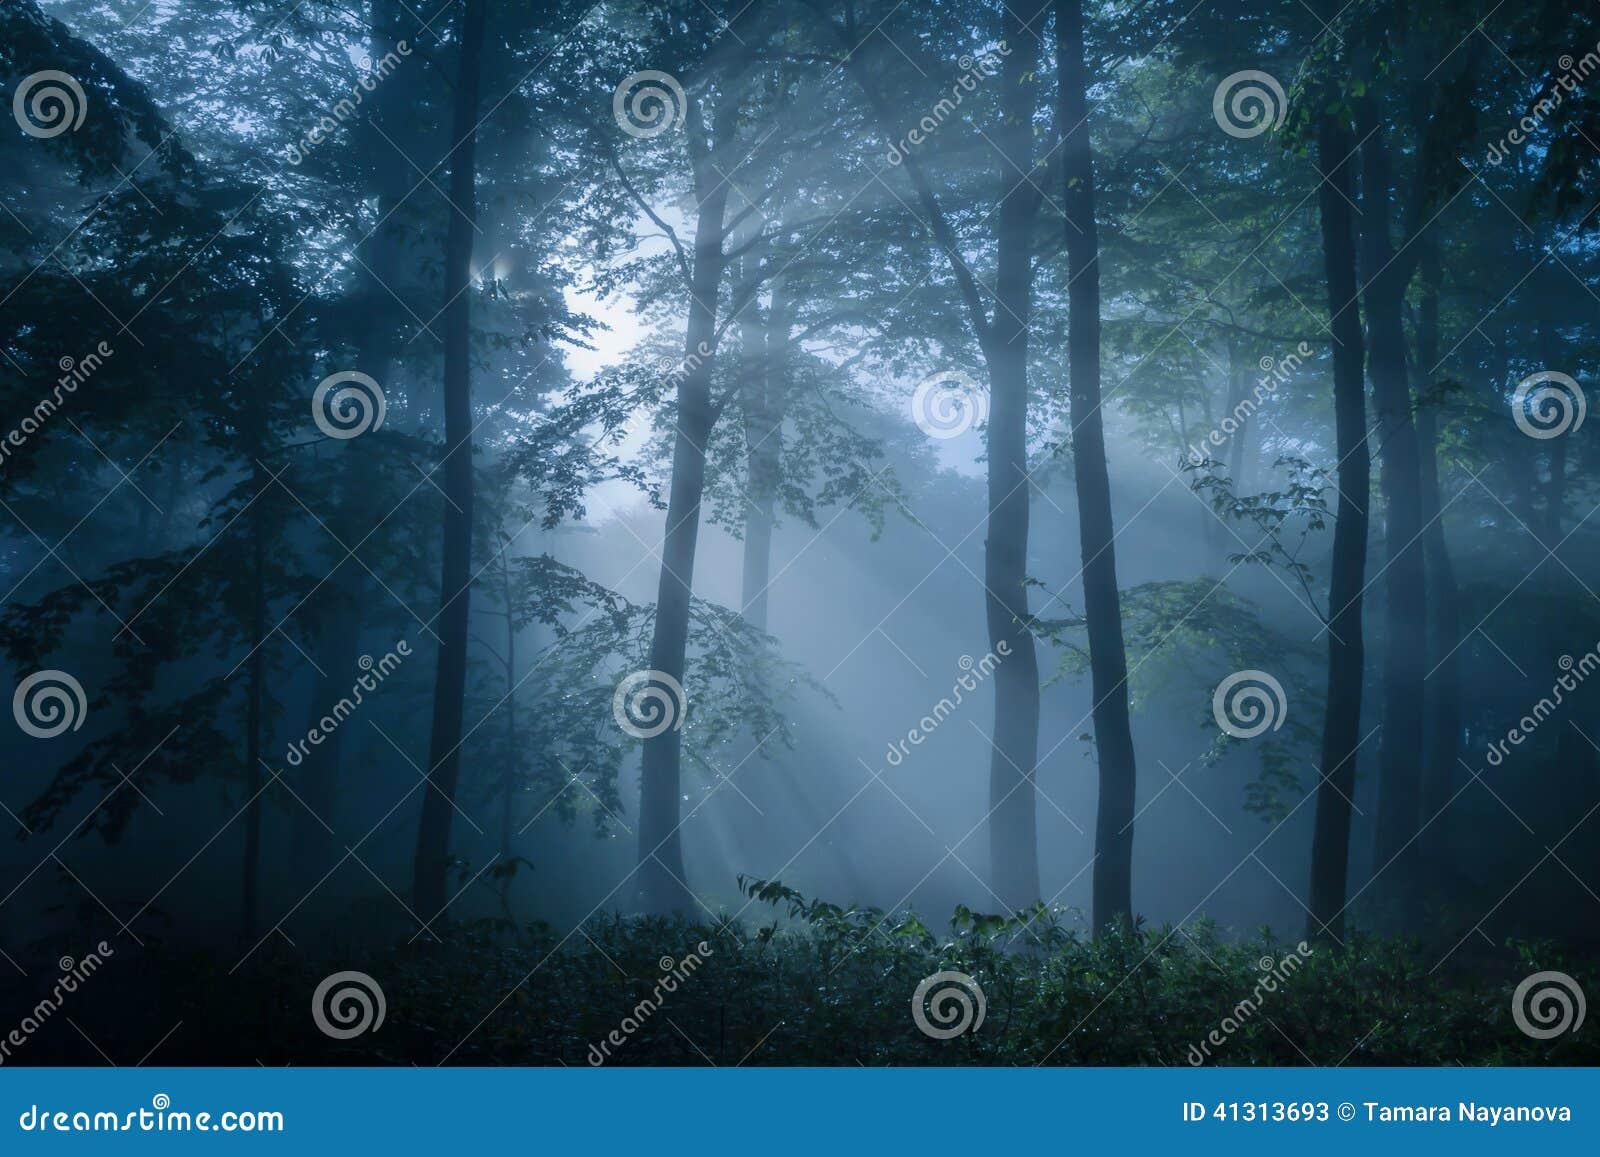 阴沉的森林充满昏暗的光